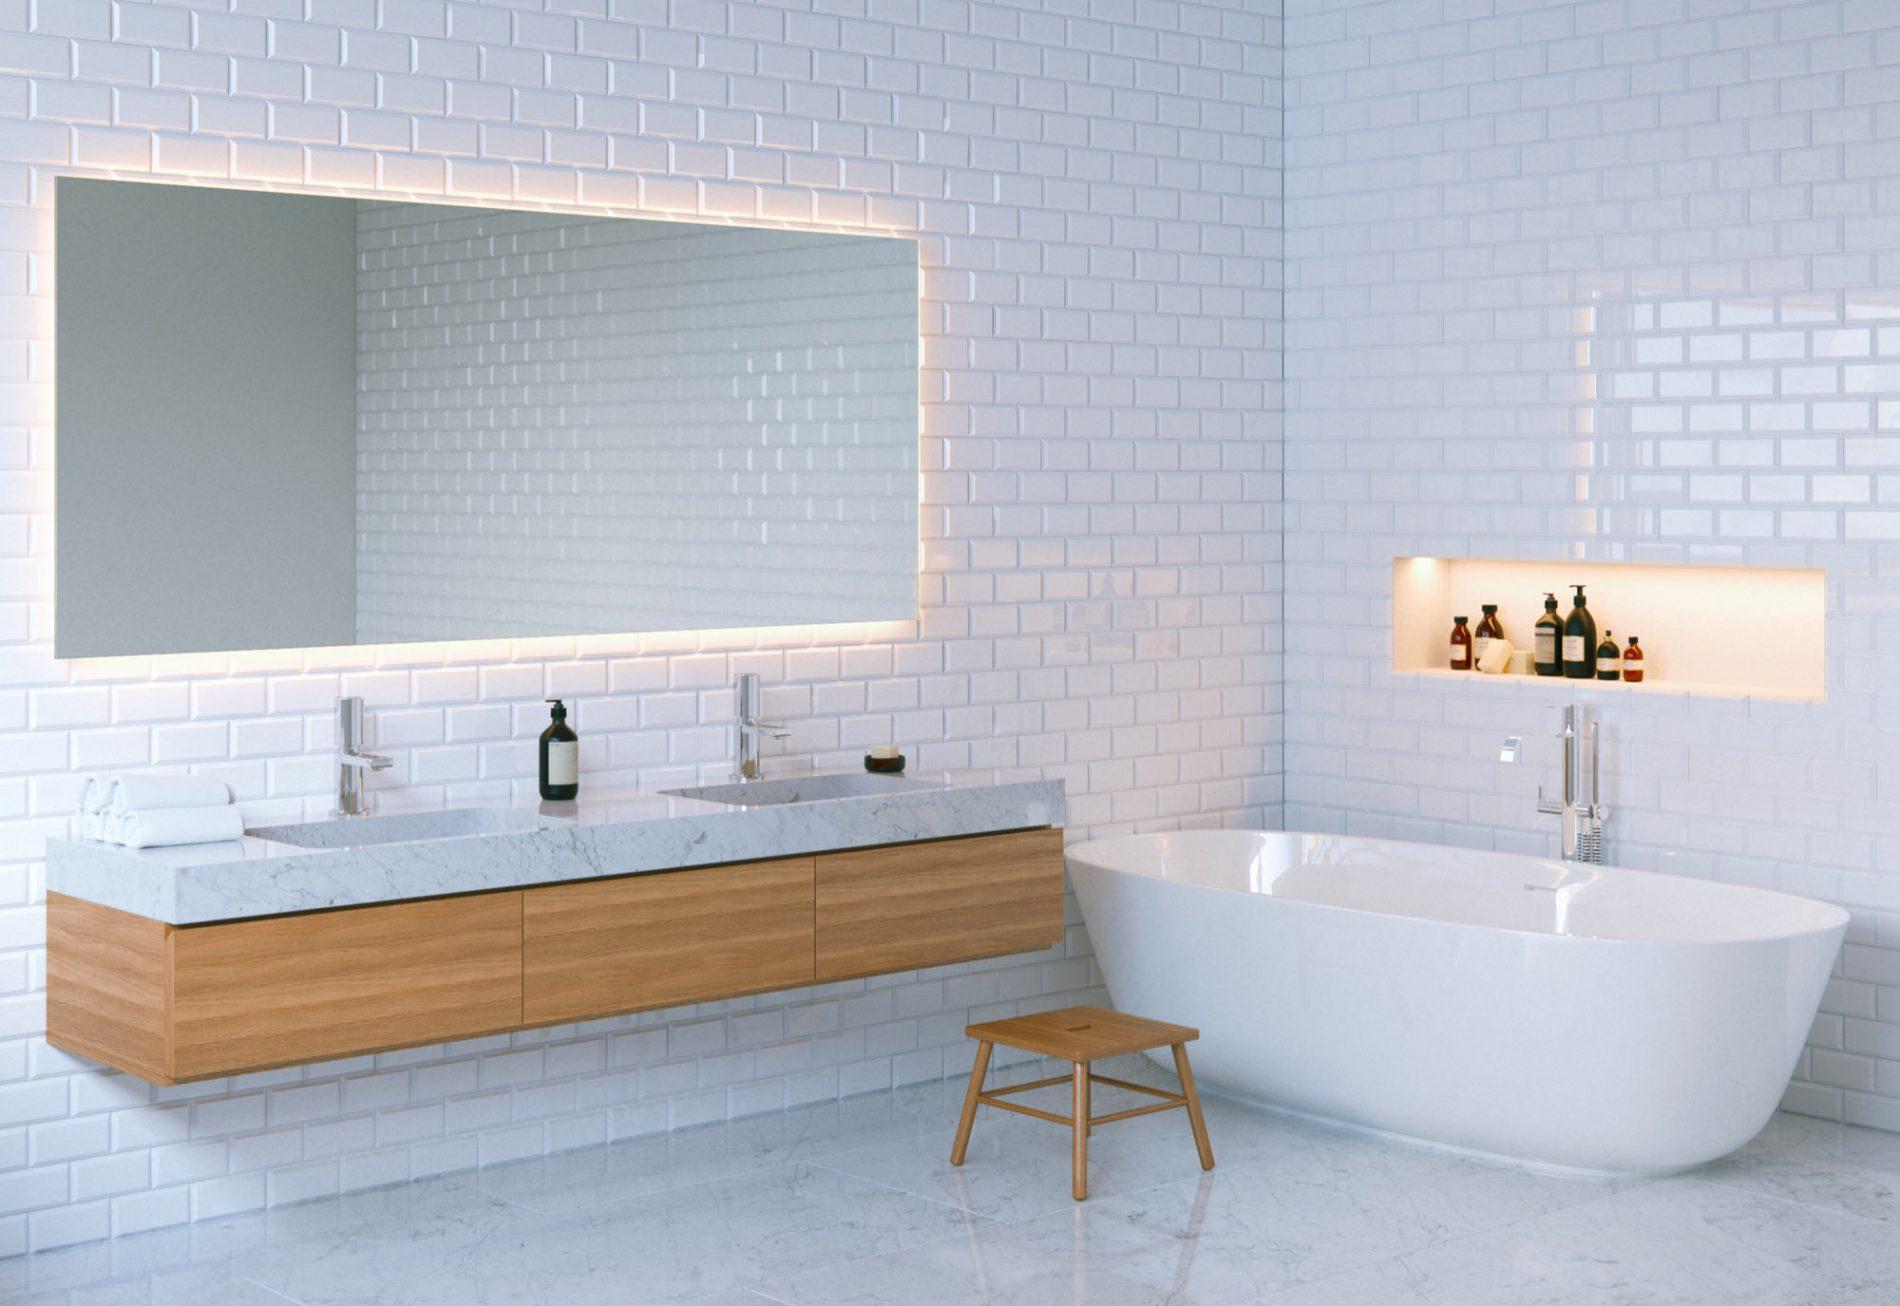 Pourquoi choisir un miroir connect pour sa salle de bains - Miroir salle de bain connecte ...